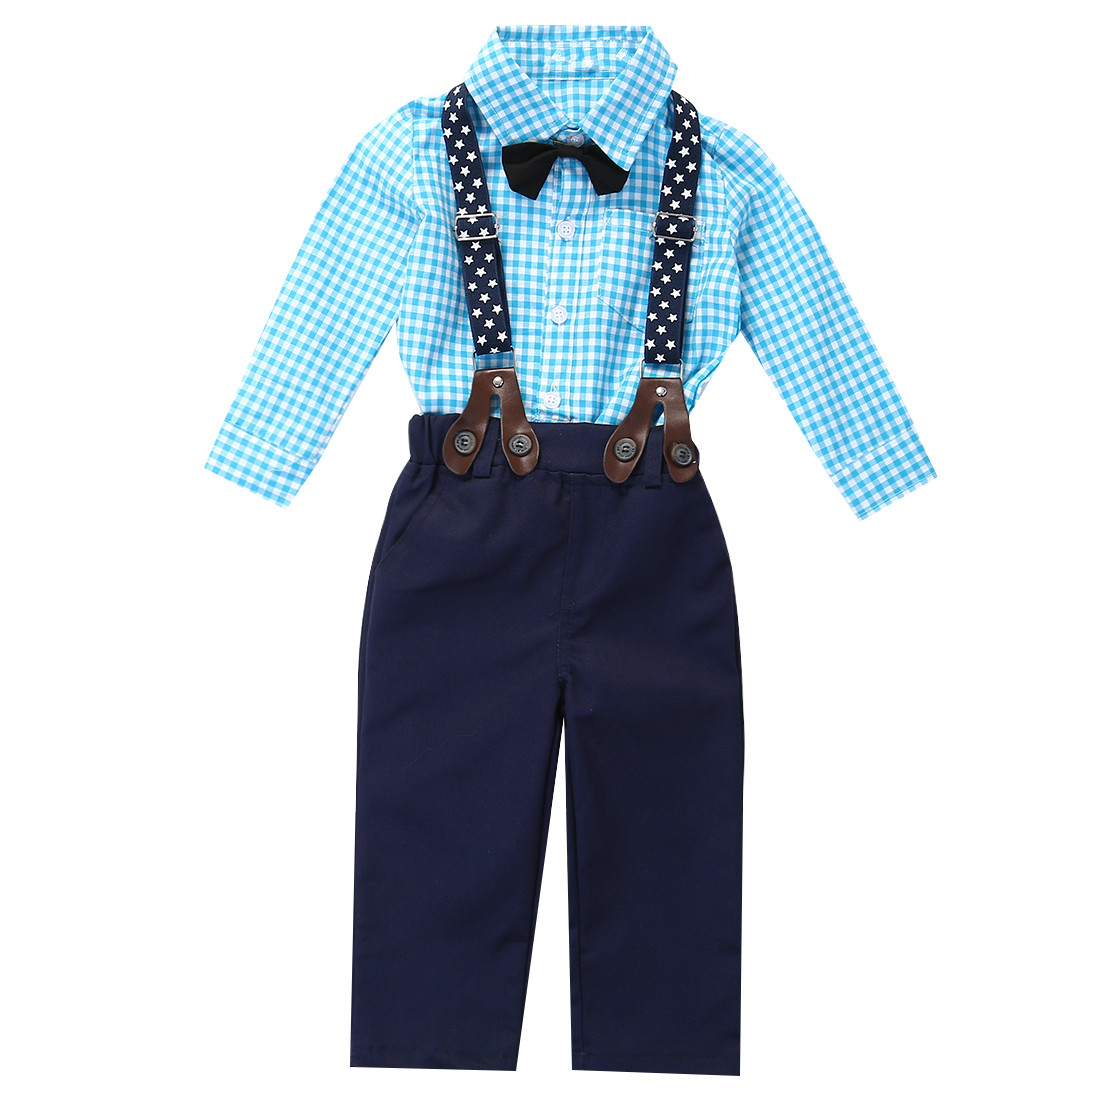 Праздник Повседневное одежда для малышей мальчик милый лук галстук Рубашки в клетку + штаны с подтяжками Мотобрюки комплект джентльмена 2 ш...